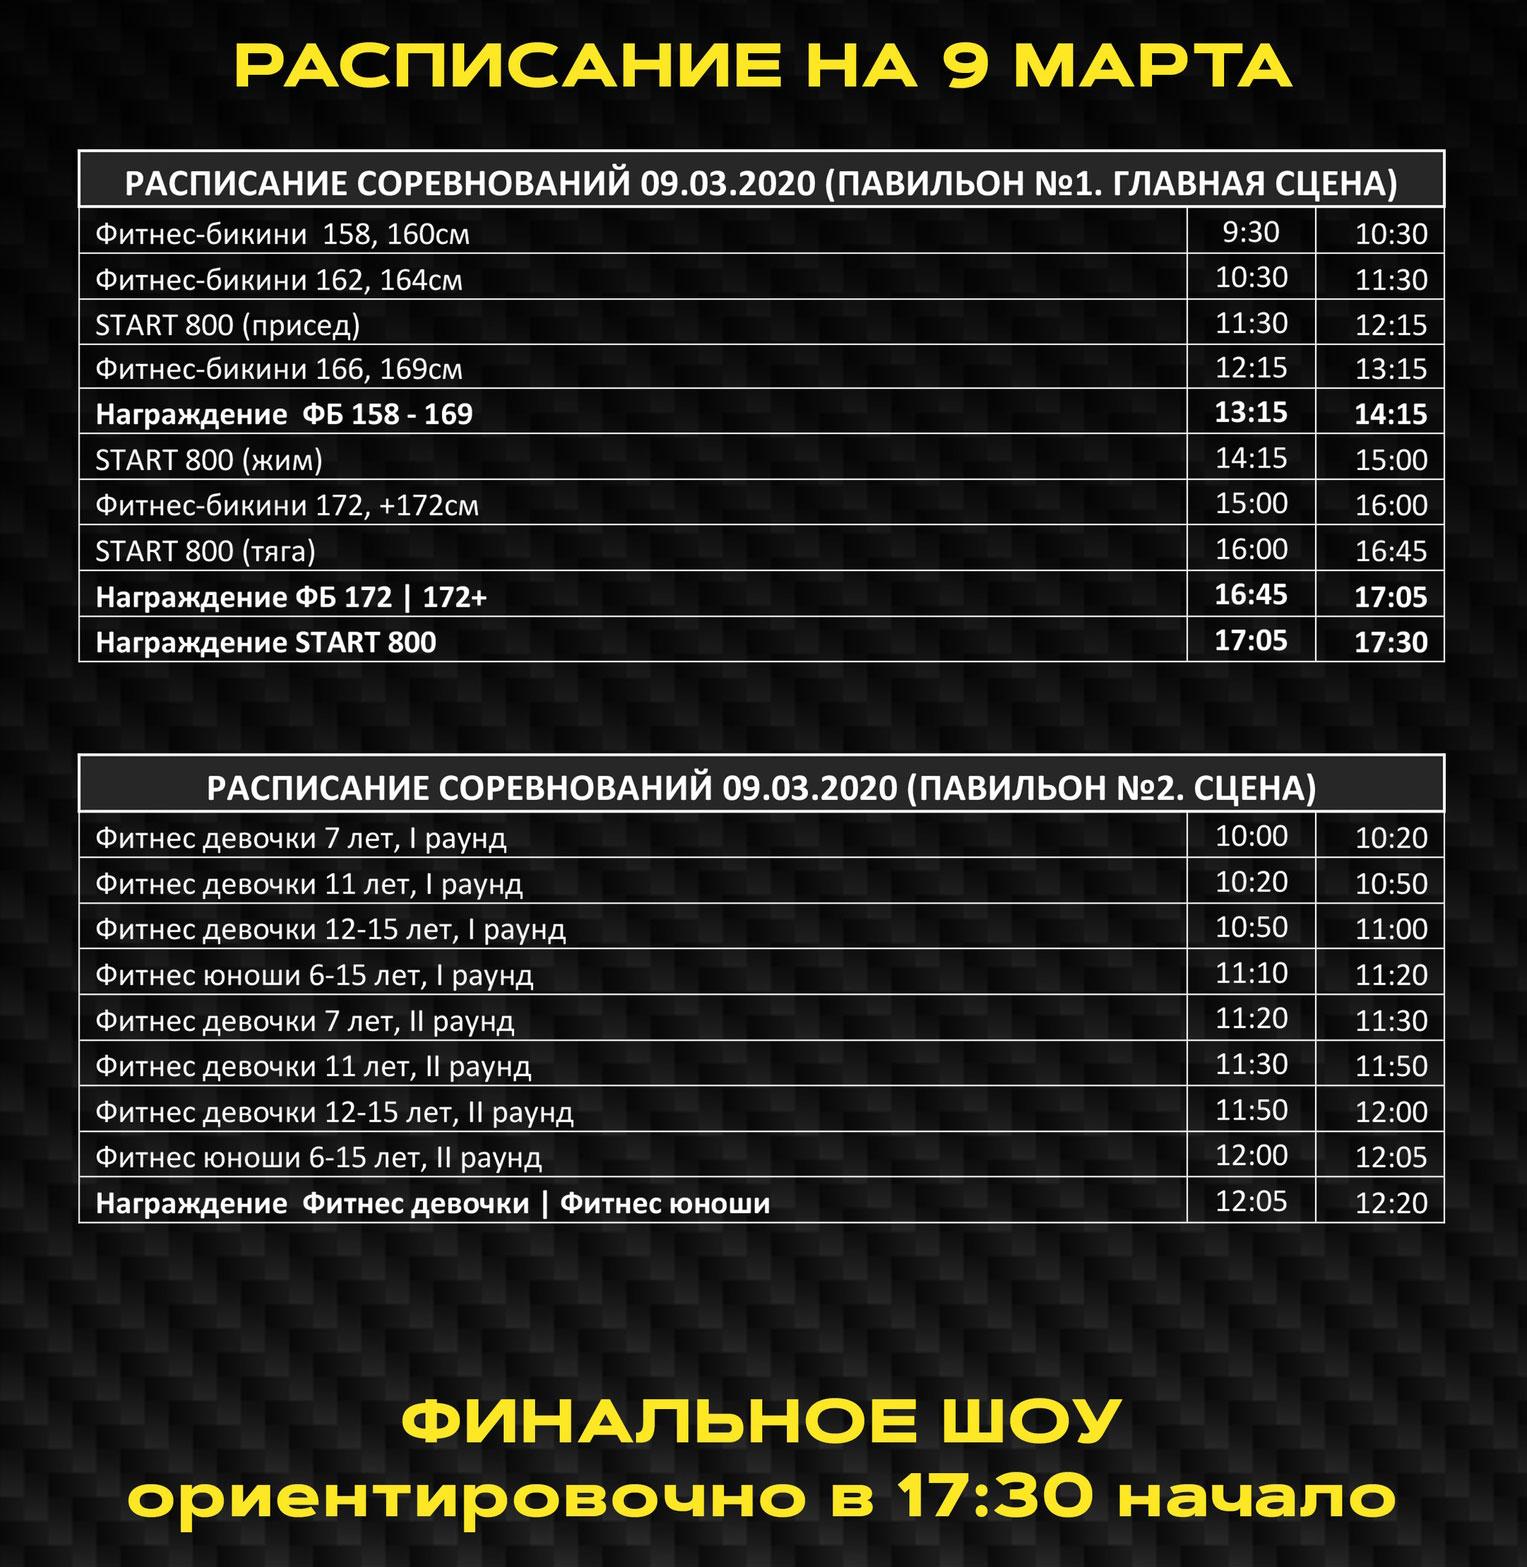 Расписание «Siberian Power Show» – 2020 на 9 марта